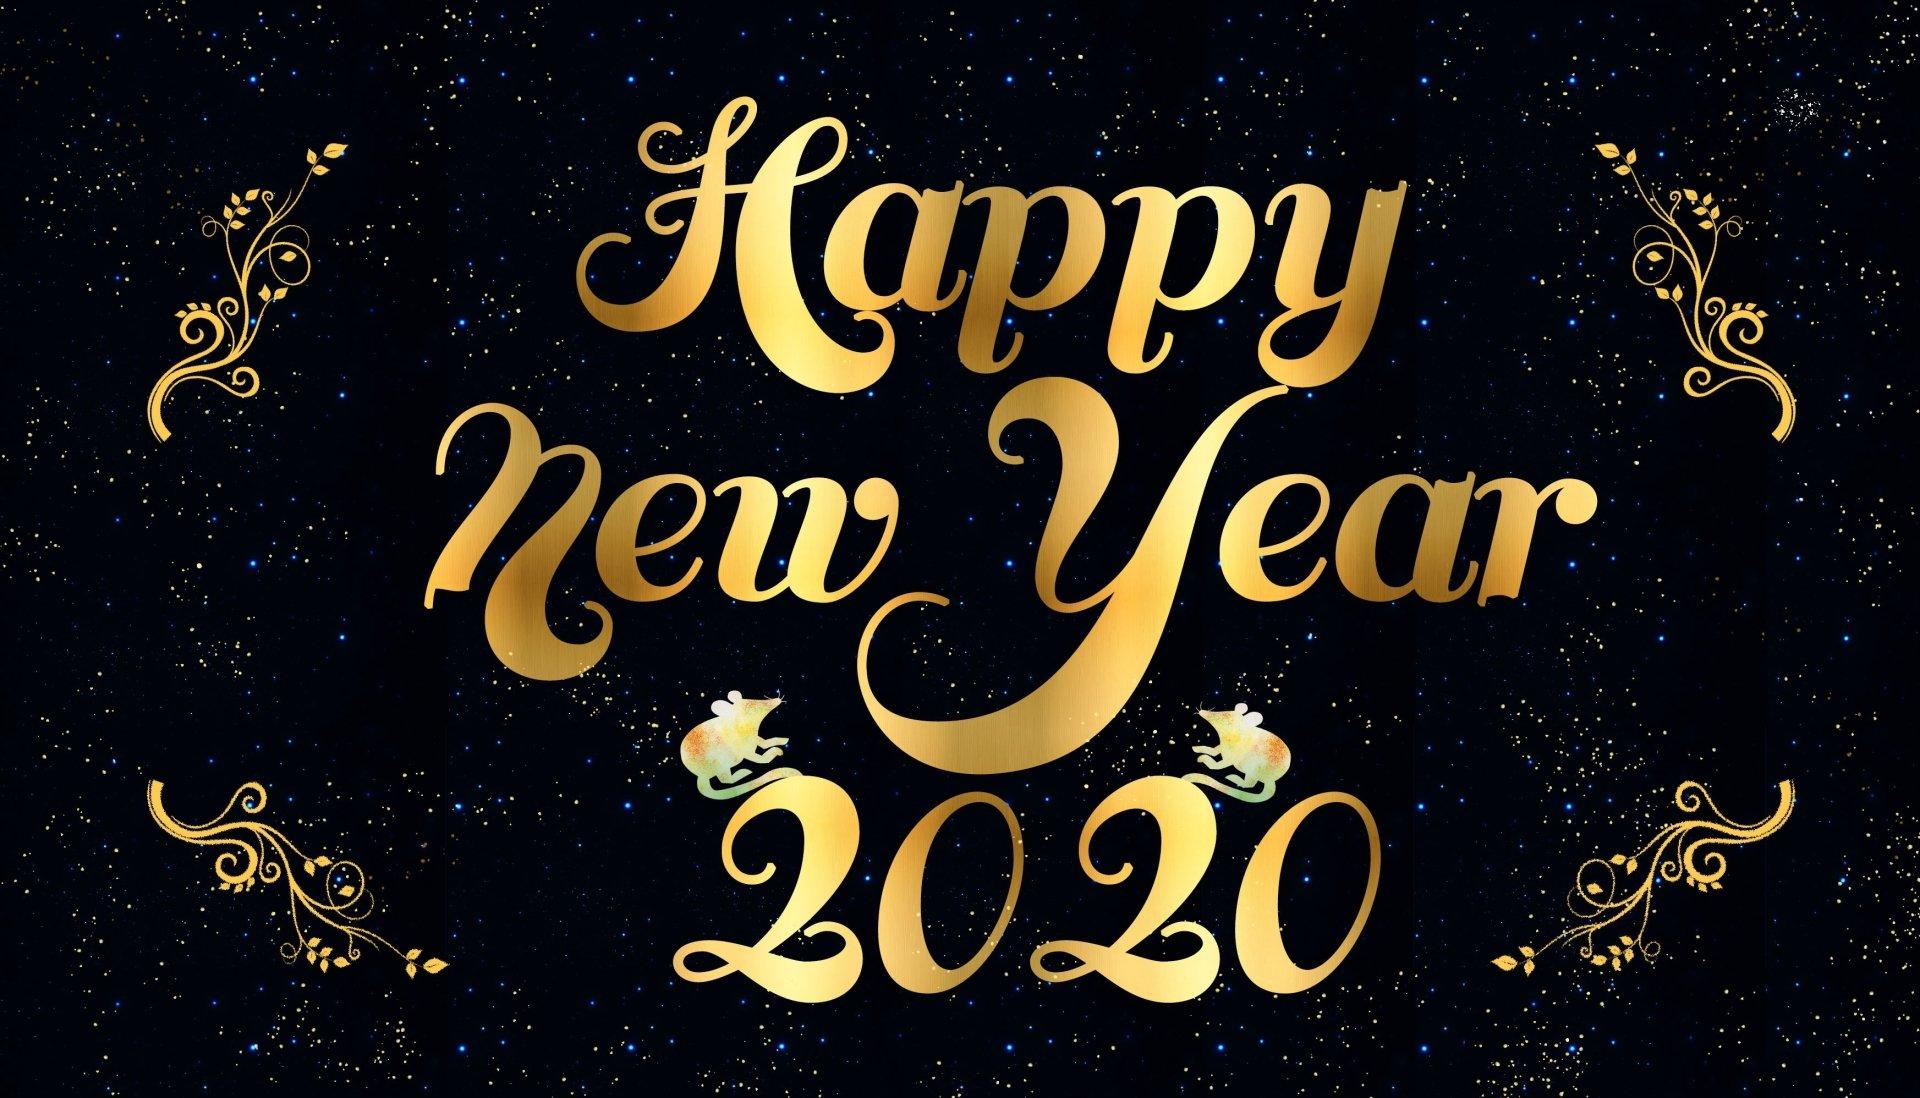 Nouvel An 2020 Fond D Ecran Hd Arriere Plan 3490x1996 Id 1057572 Wallpaper Abyss